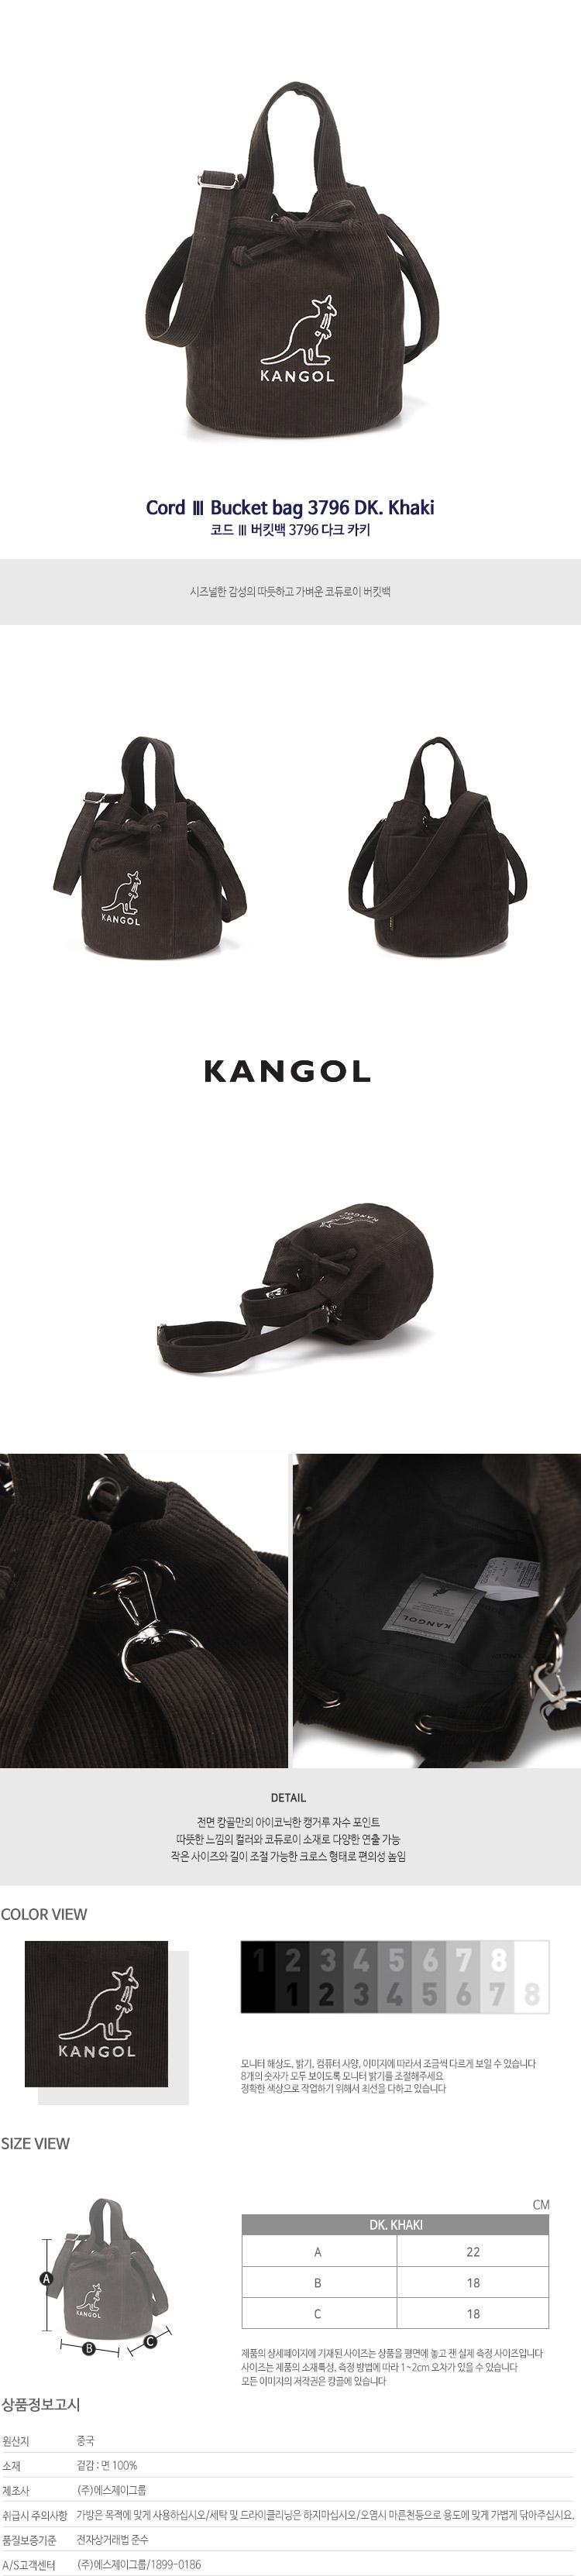 Cord Ⅲ Bucket bag 3796 DK.KHAKI